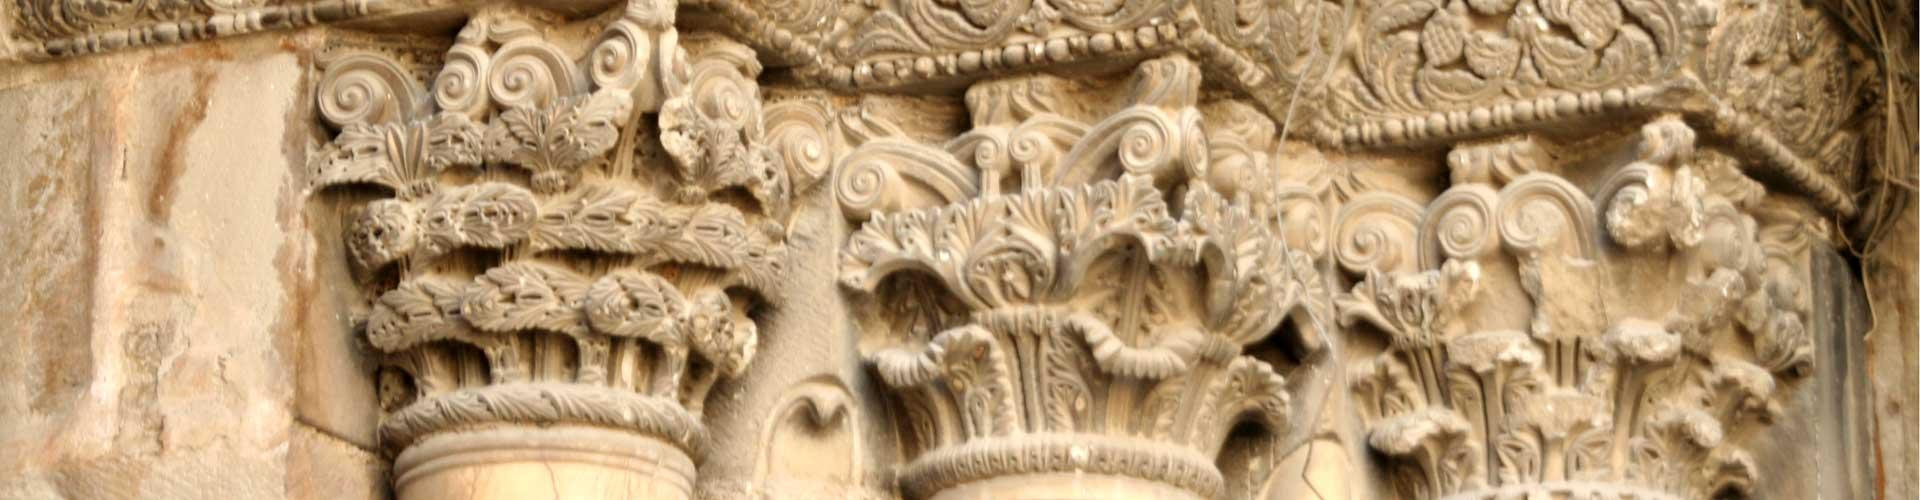 סיור בעקבות סמלים וסודות בירושלים